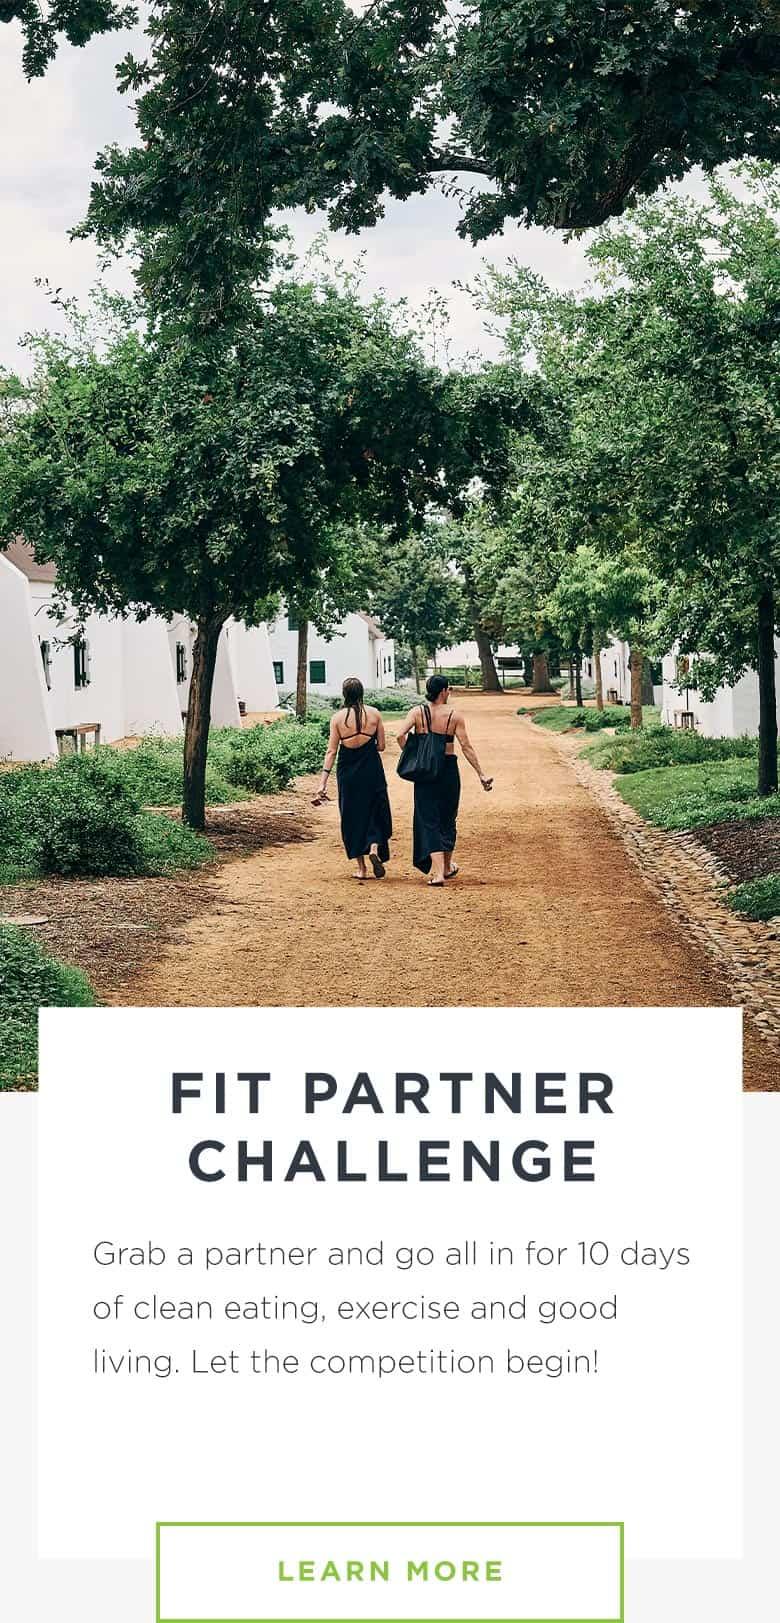 Fit Partner Challenge